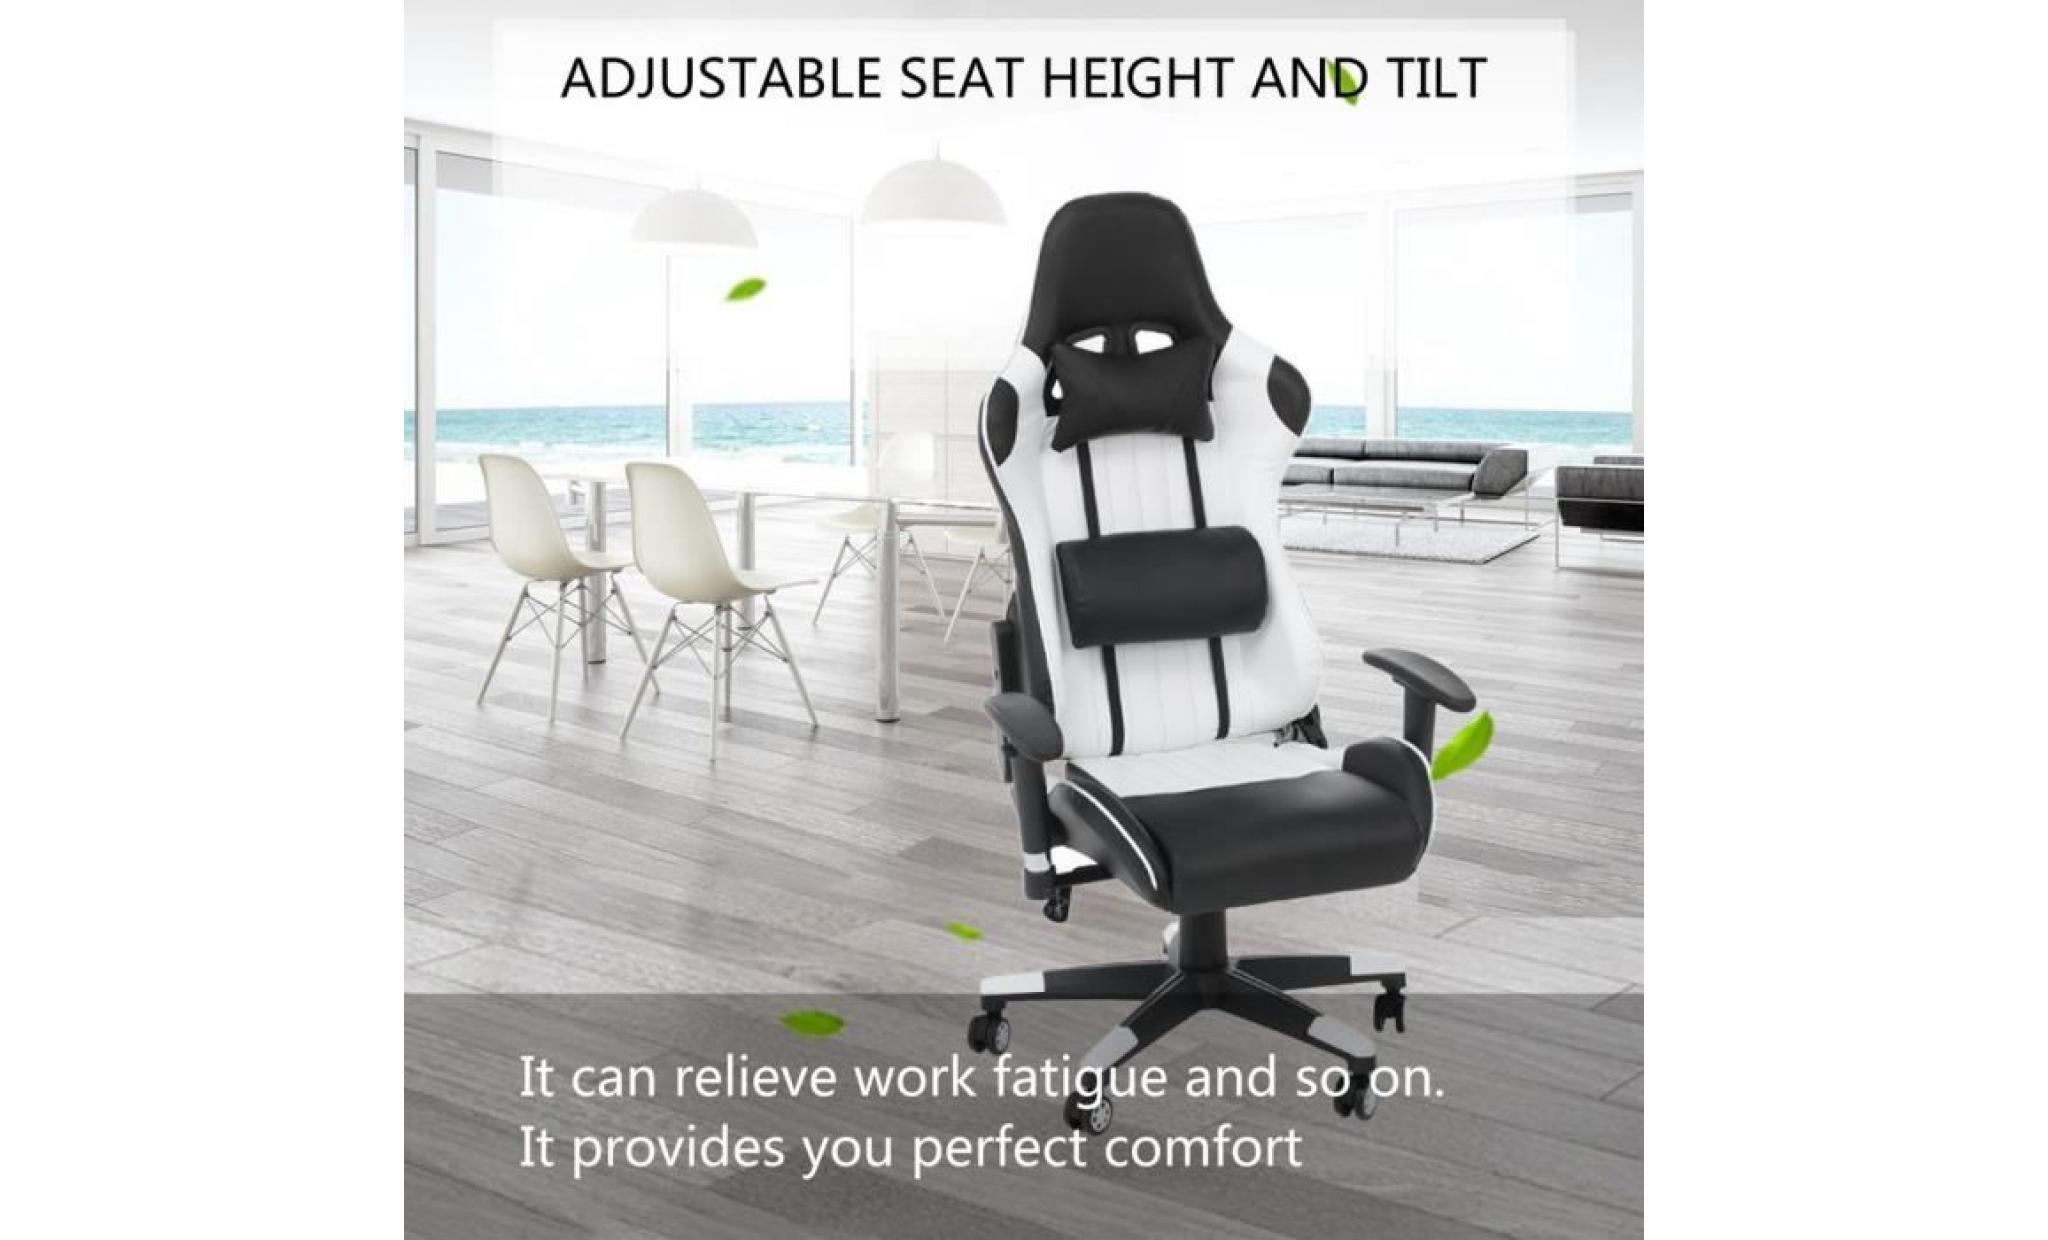 Bureau De Avec Chaise 360 Roulettes Super Blanc Confortable Fauteuil Style Degrés À Contemporain Jeu tsChQxrd